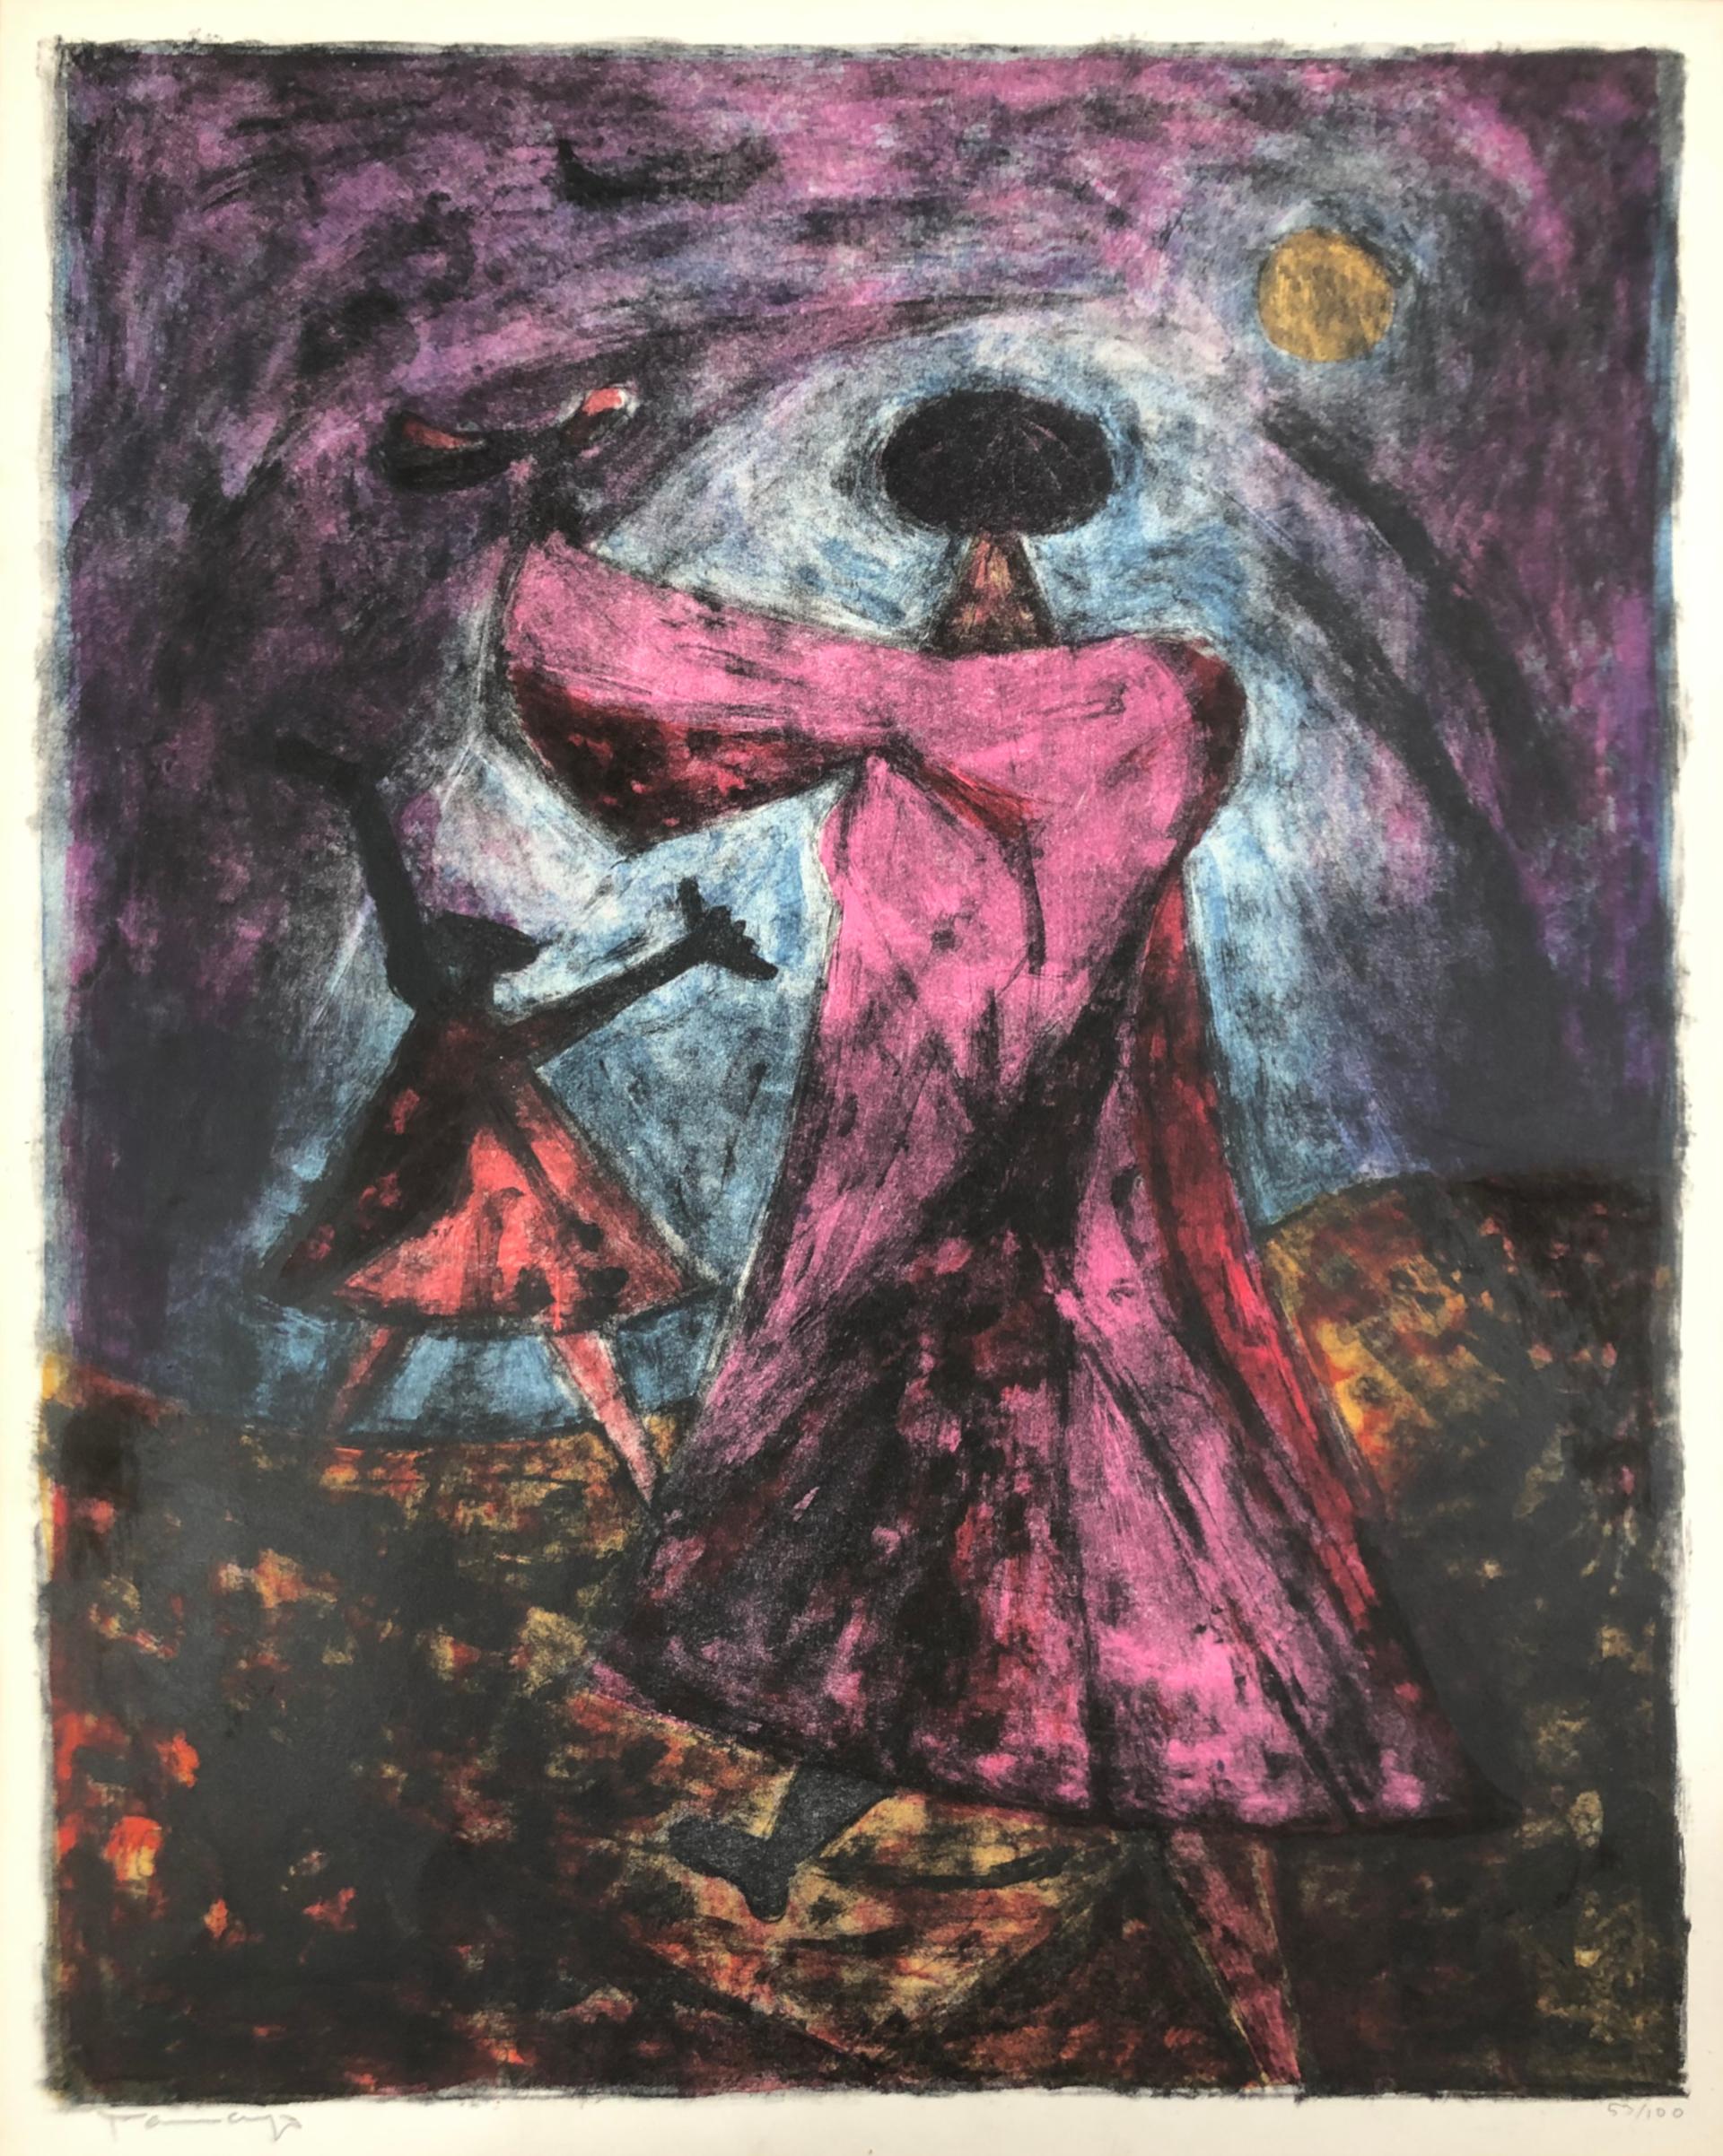 Dos Mujeres by Rufino Tamayo (1899 - 1991)